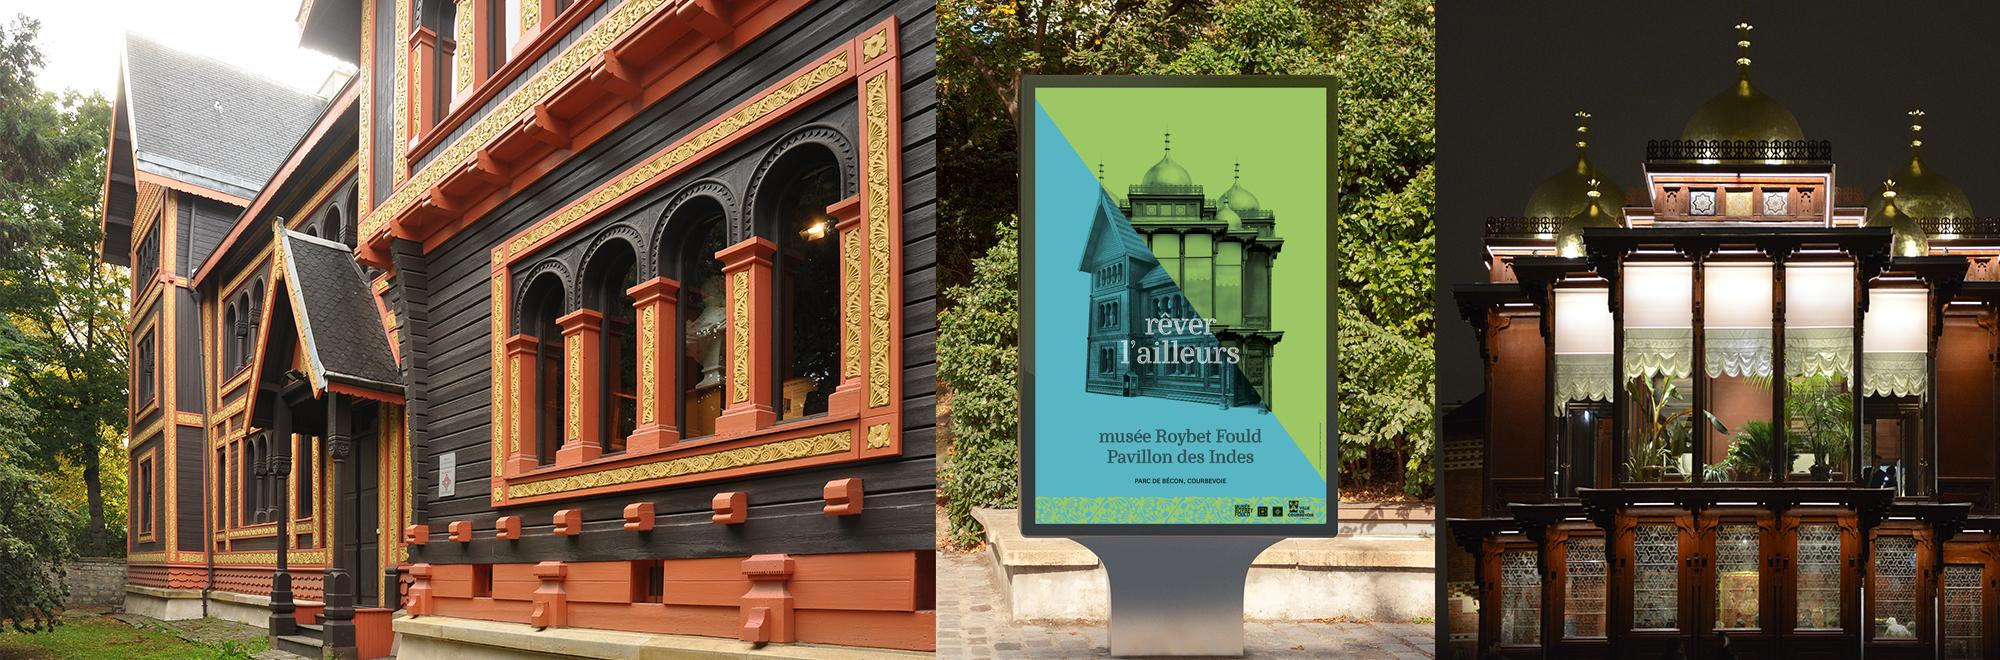 Communication musée Roybet et Pavillon des Indes - visio